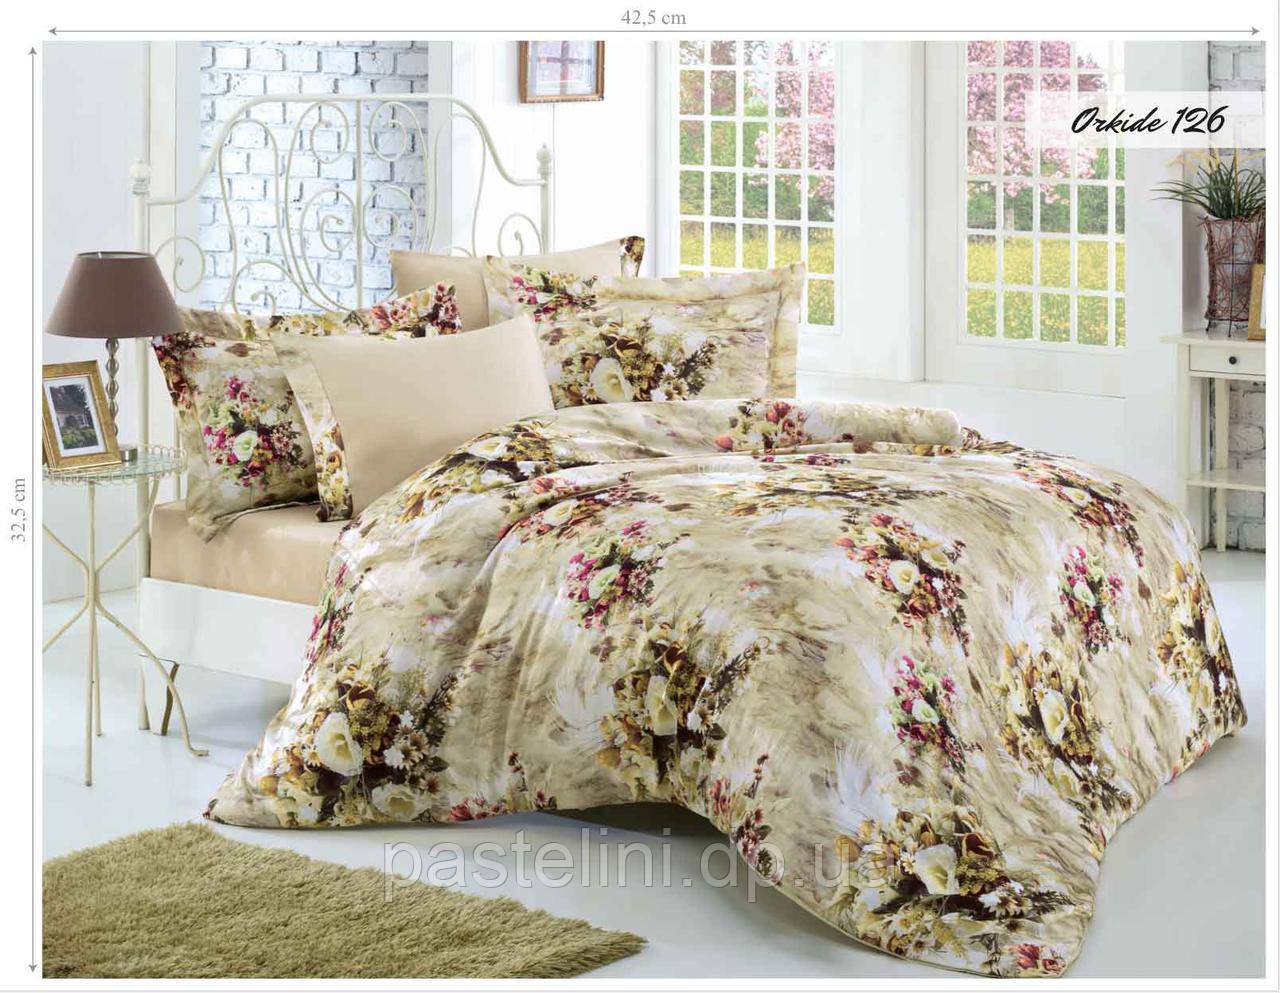 Комплект постельного белья Issihome  сатин+жатый шелк  Orkide 126